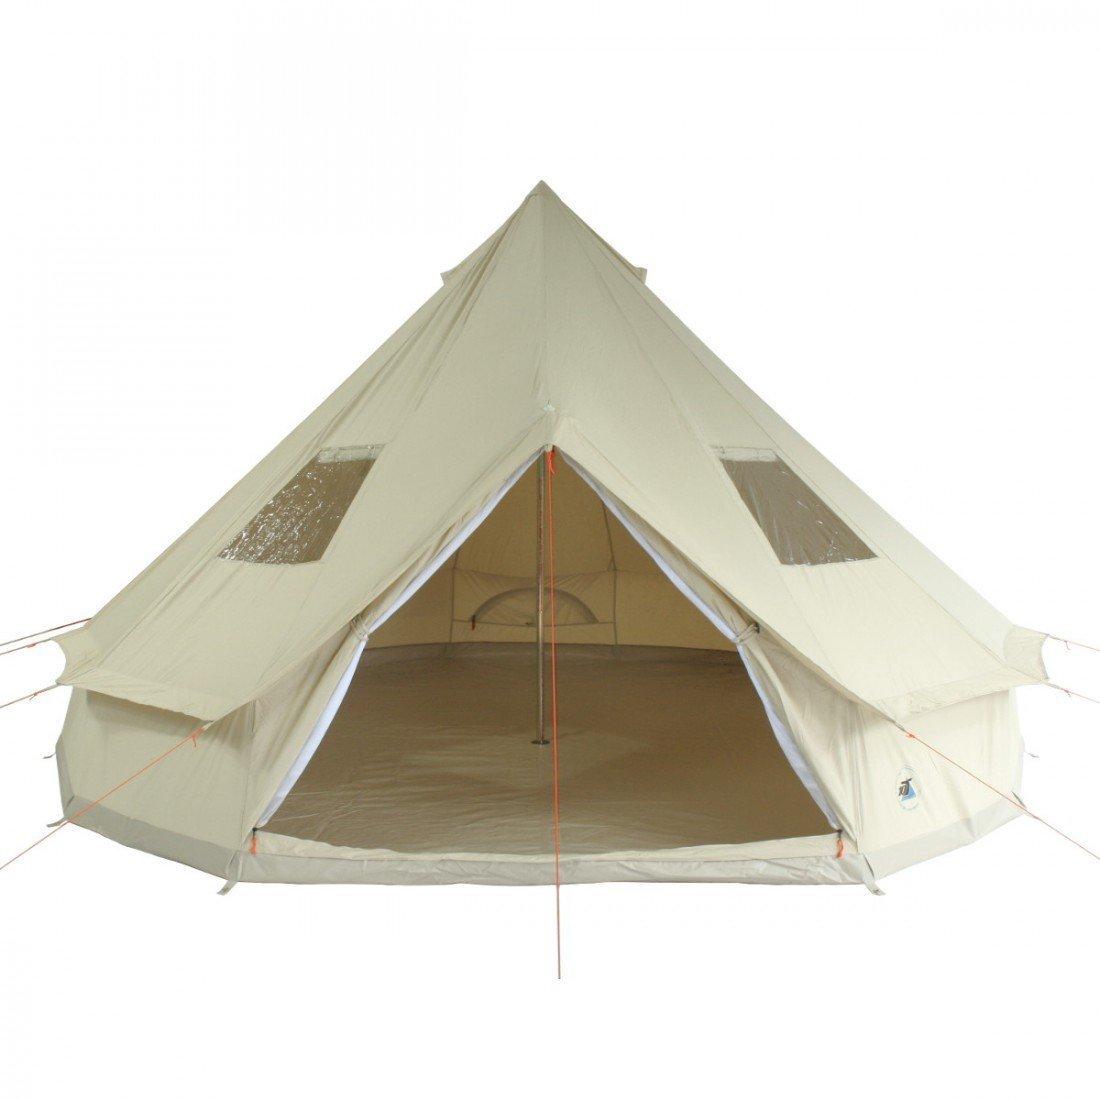 10T Camping-Zelt Desert 10 Tipi mit XXL Schlafbereich für 5 - 10 Personen Outdoor Familienzelt aus Baumwolle (Mischgewebe 35/65), Pyramidenzelt Idianerzelt mit Wohnraum, eingenähte Bodenwanne, wasserdicht